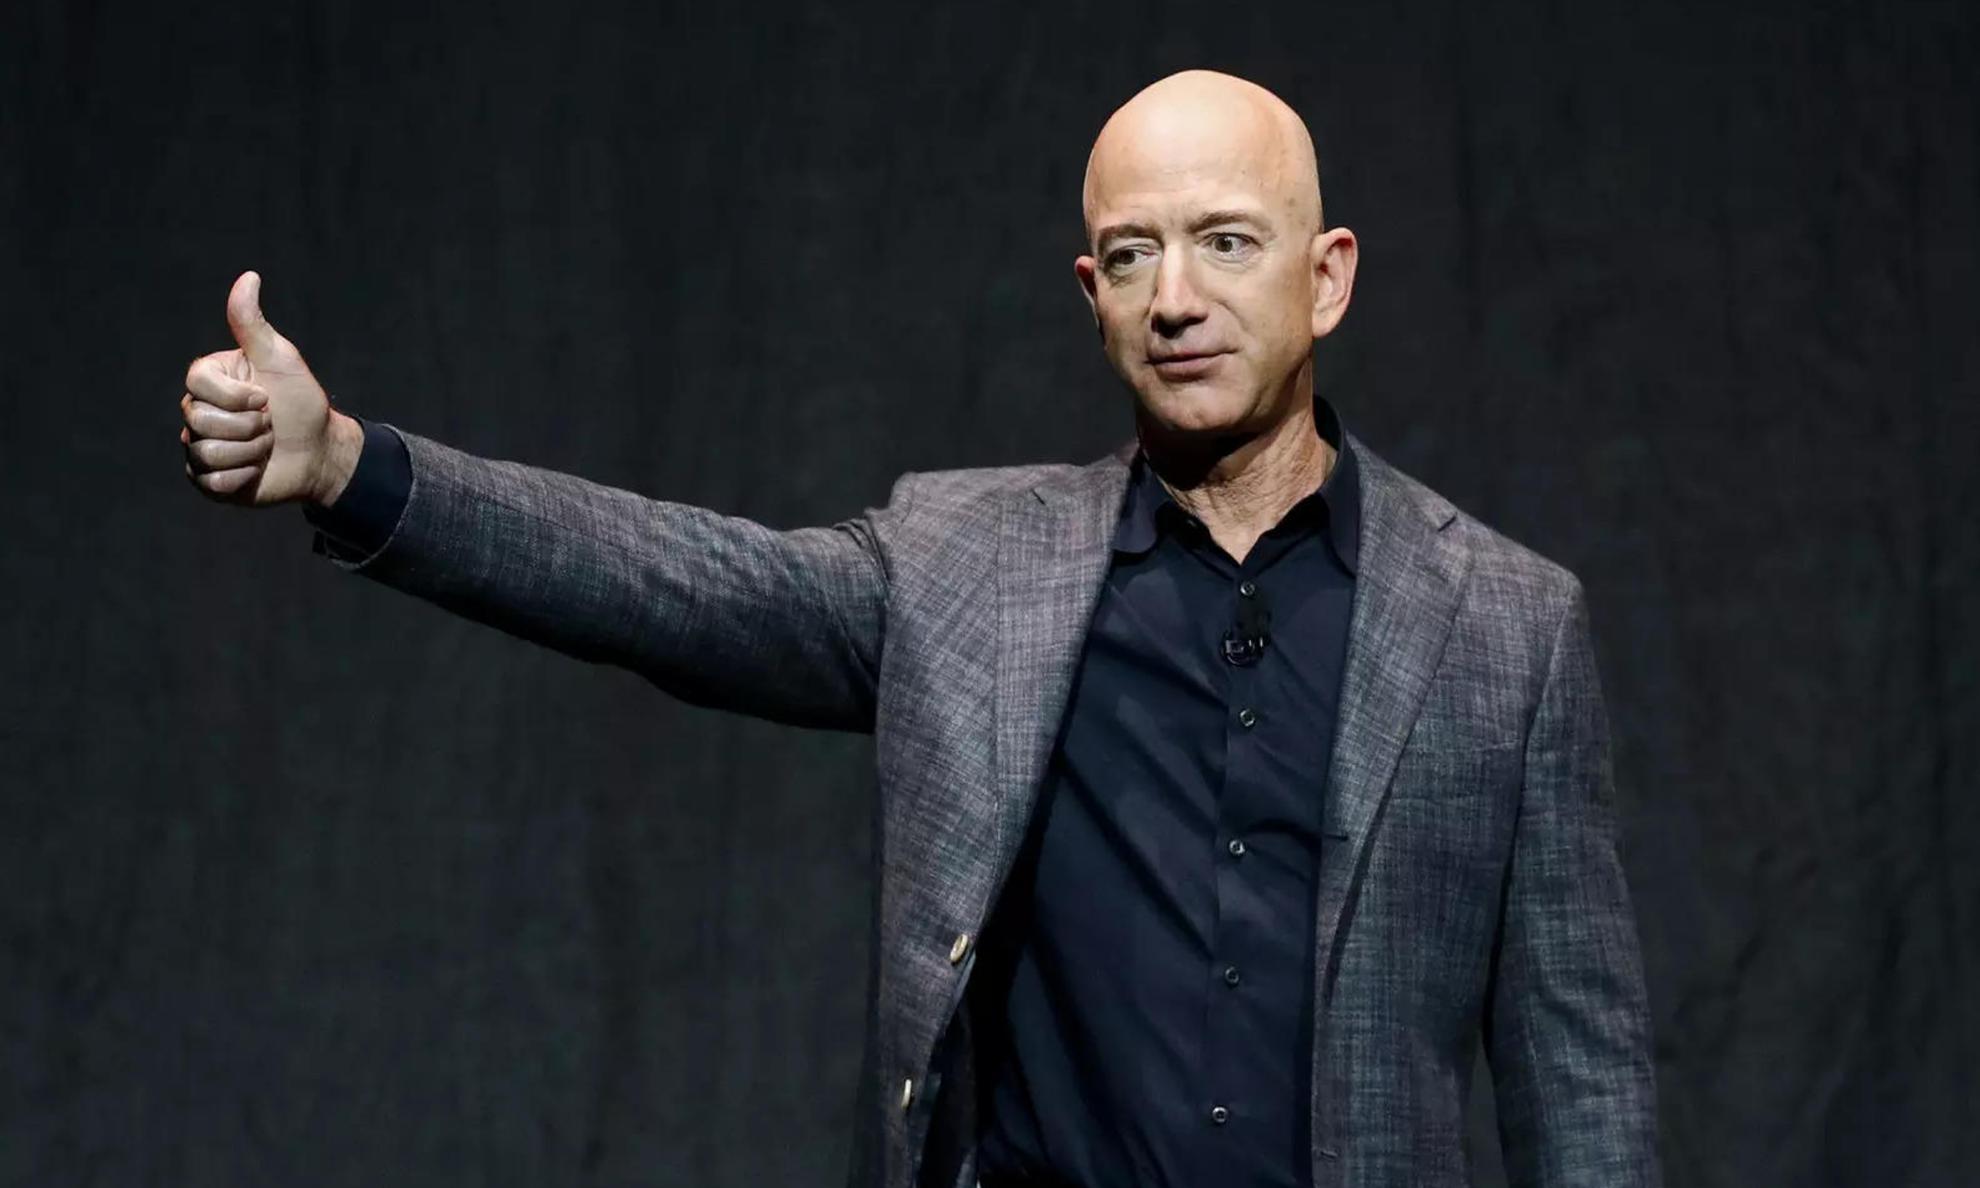 卸任次日,Jeff Bezos 身家创 2,110 亿美元新纪录